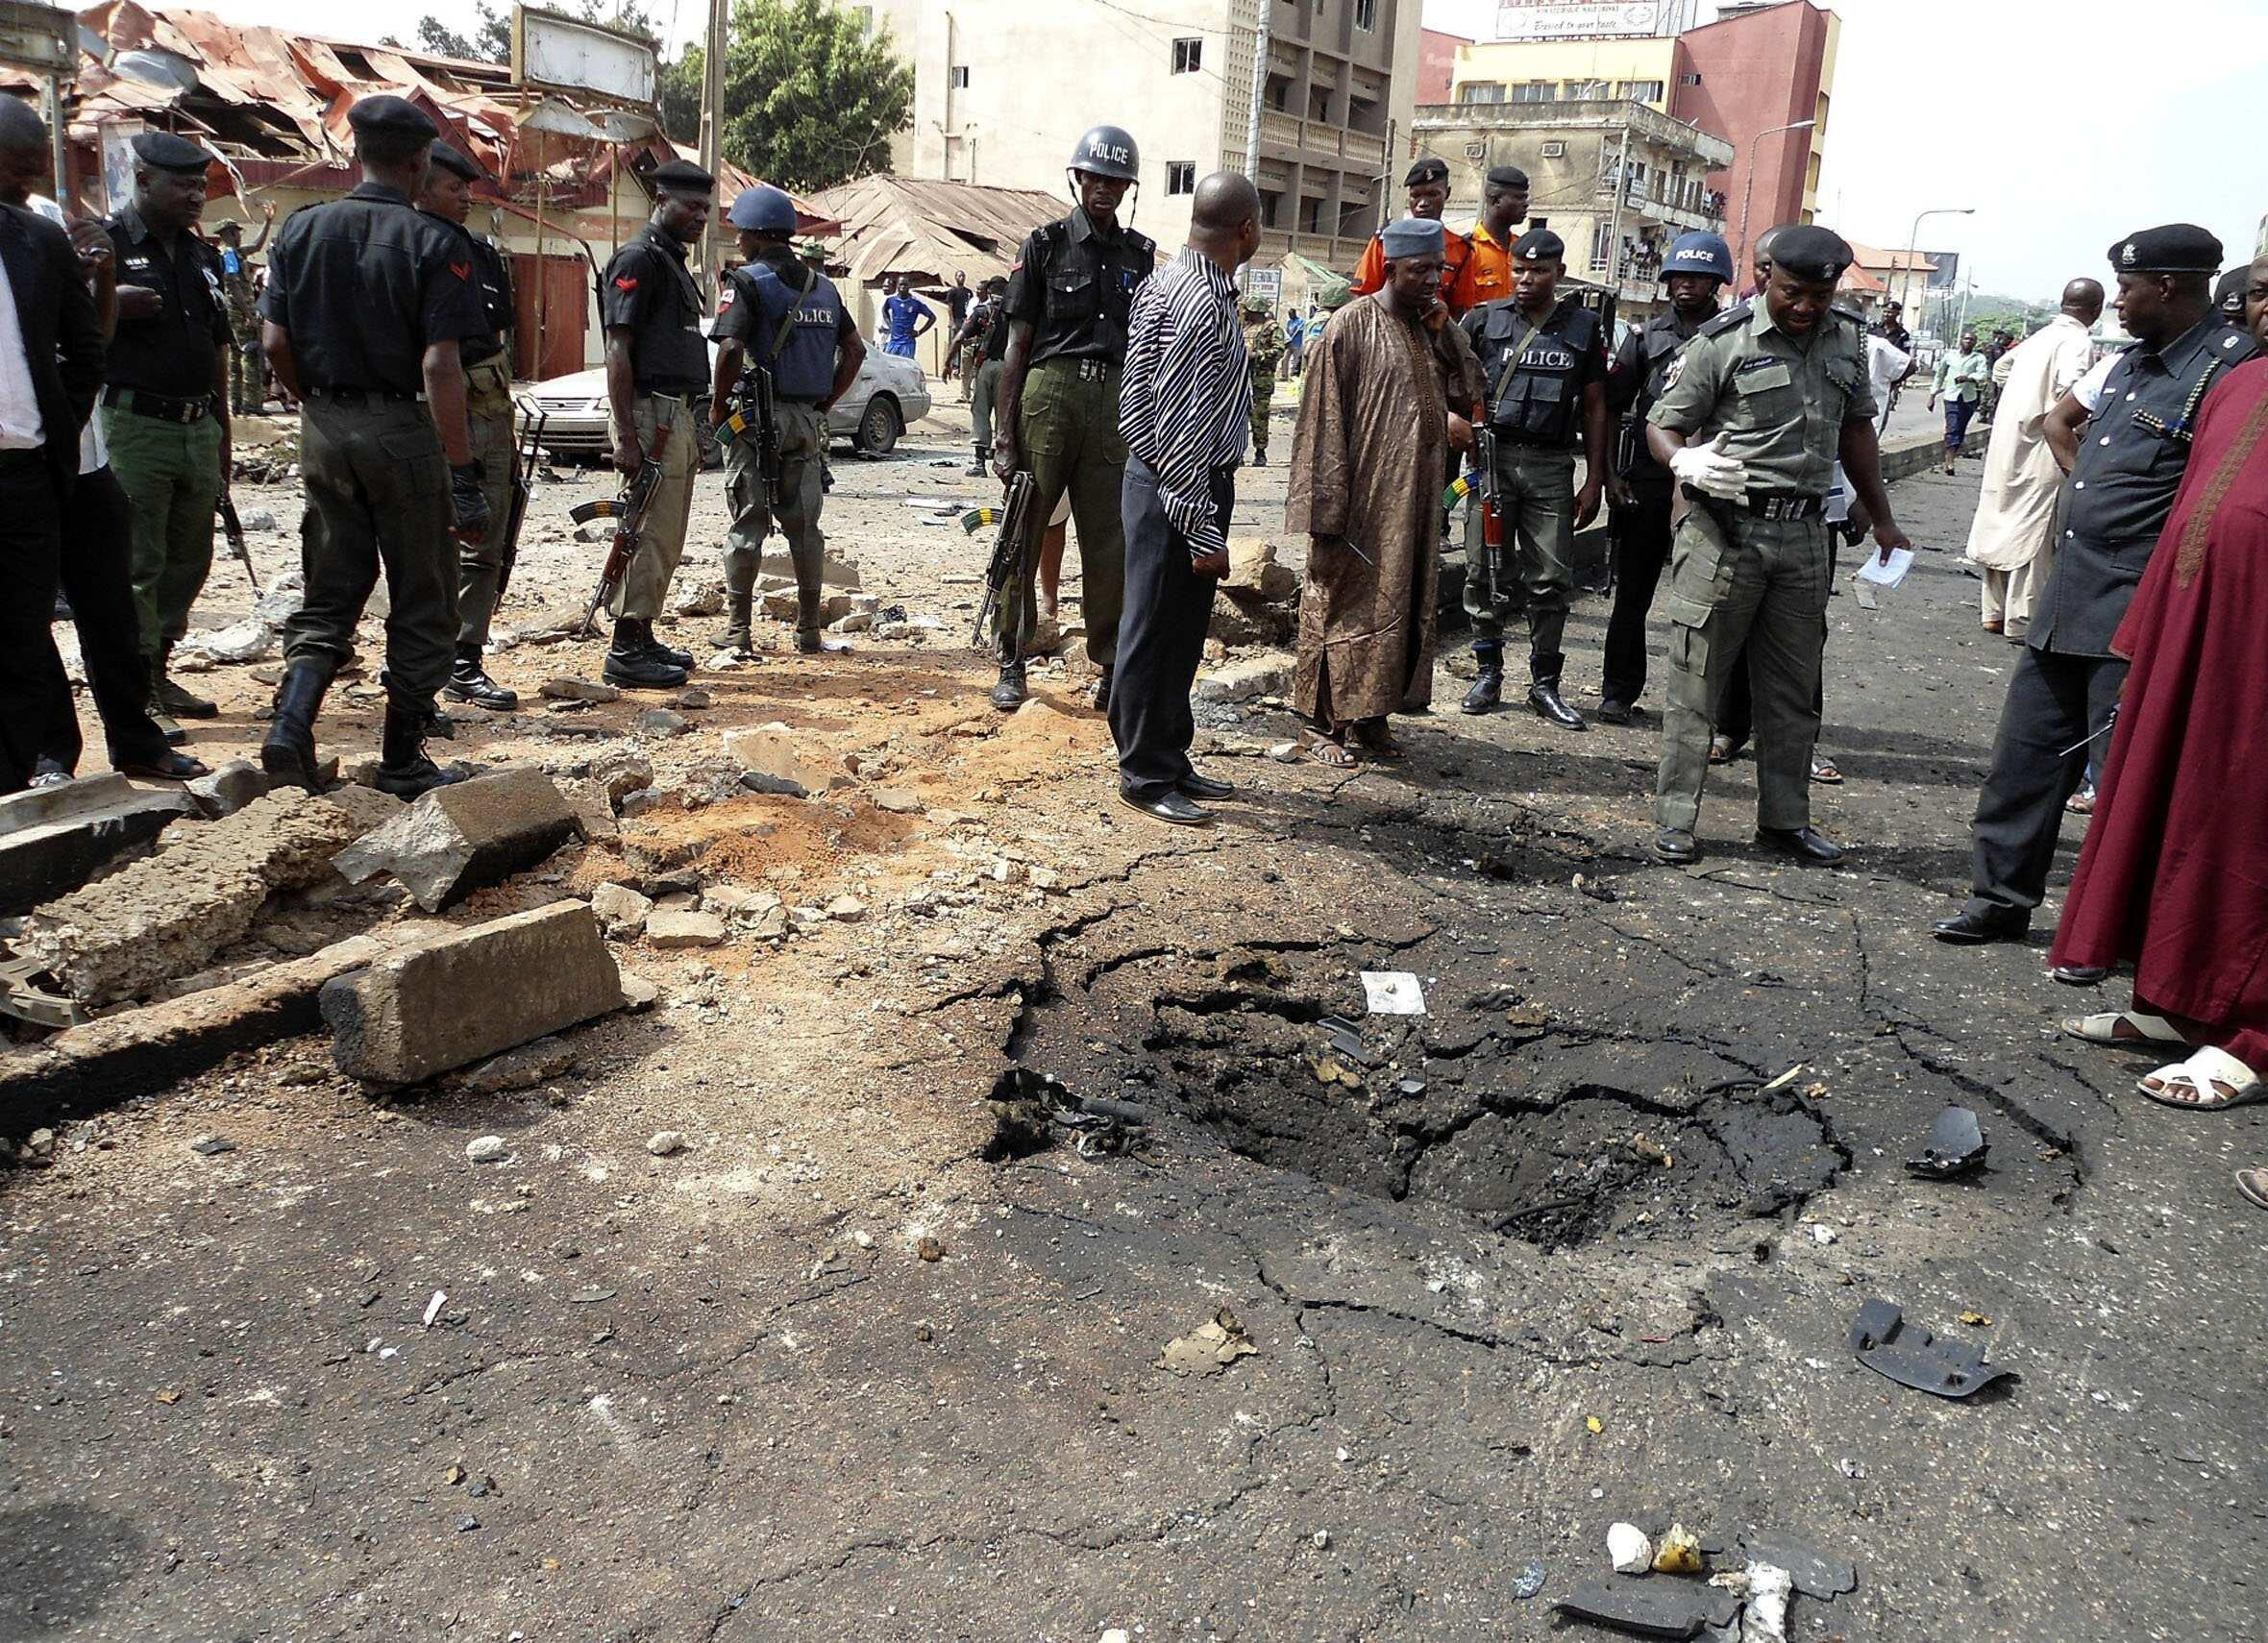 Moja ya shambilio ambalo limefanywa na wapiganaji wa Boko Haram nchini Nigeria